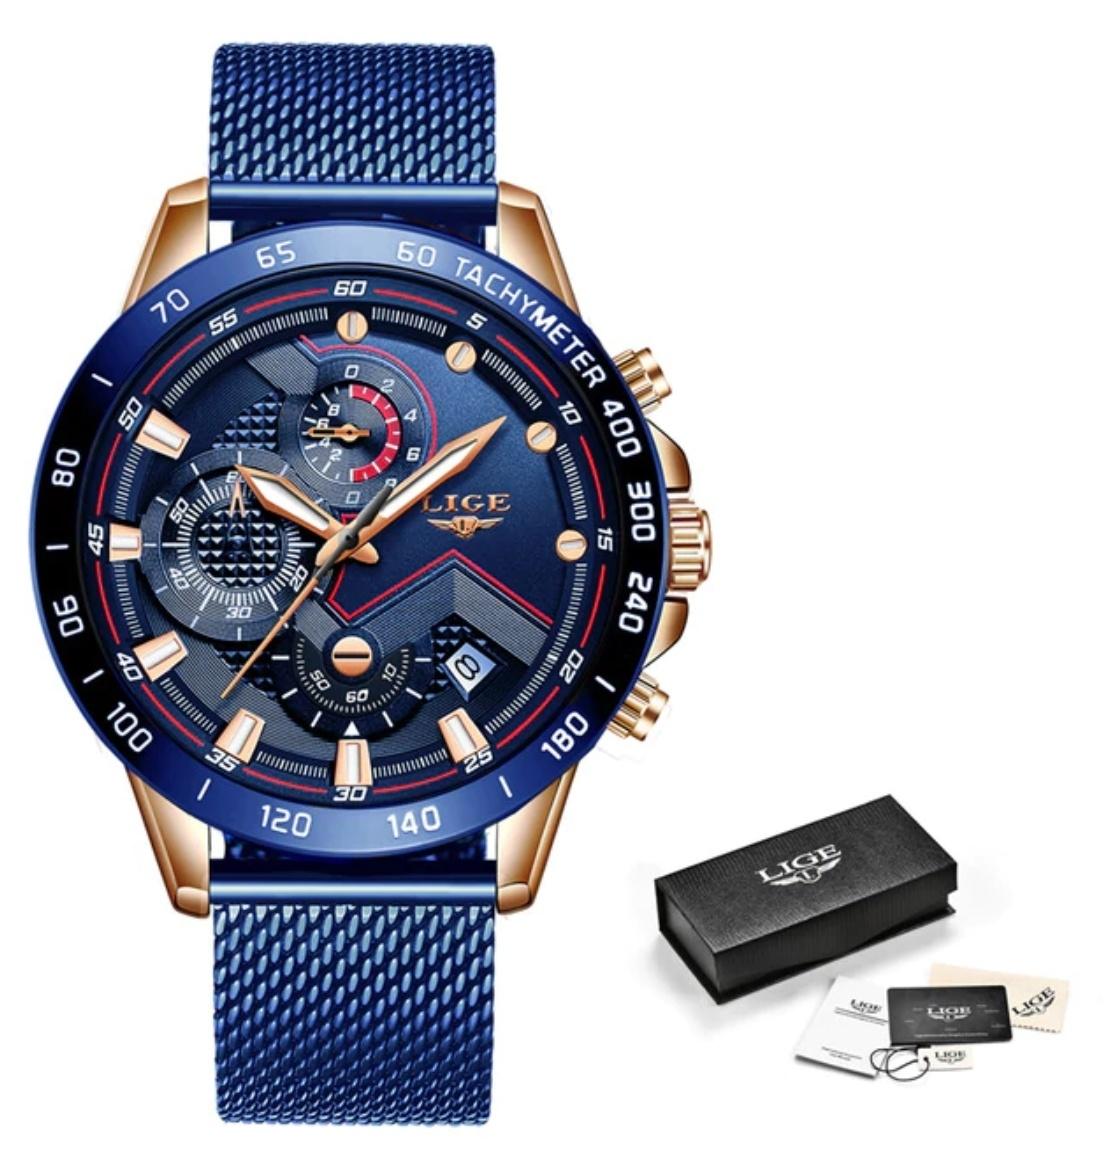 Montre à quartz - Mouvement de luxe Anologue pour homme - Acier inoxydable - Bleu